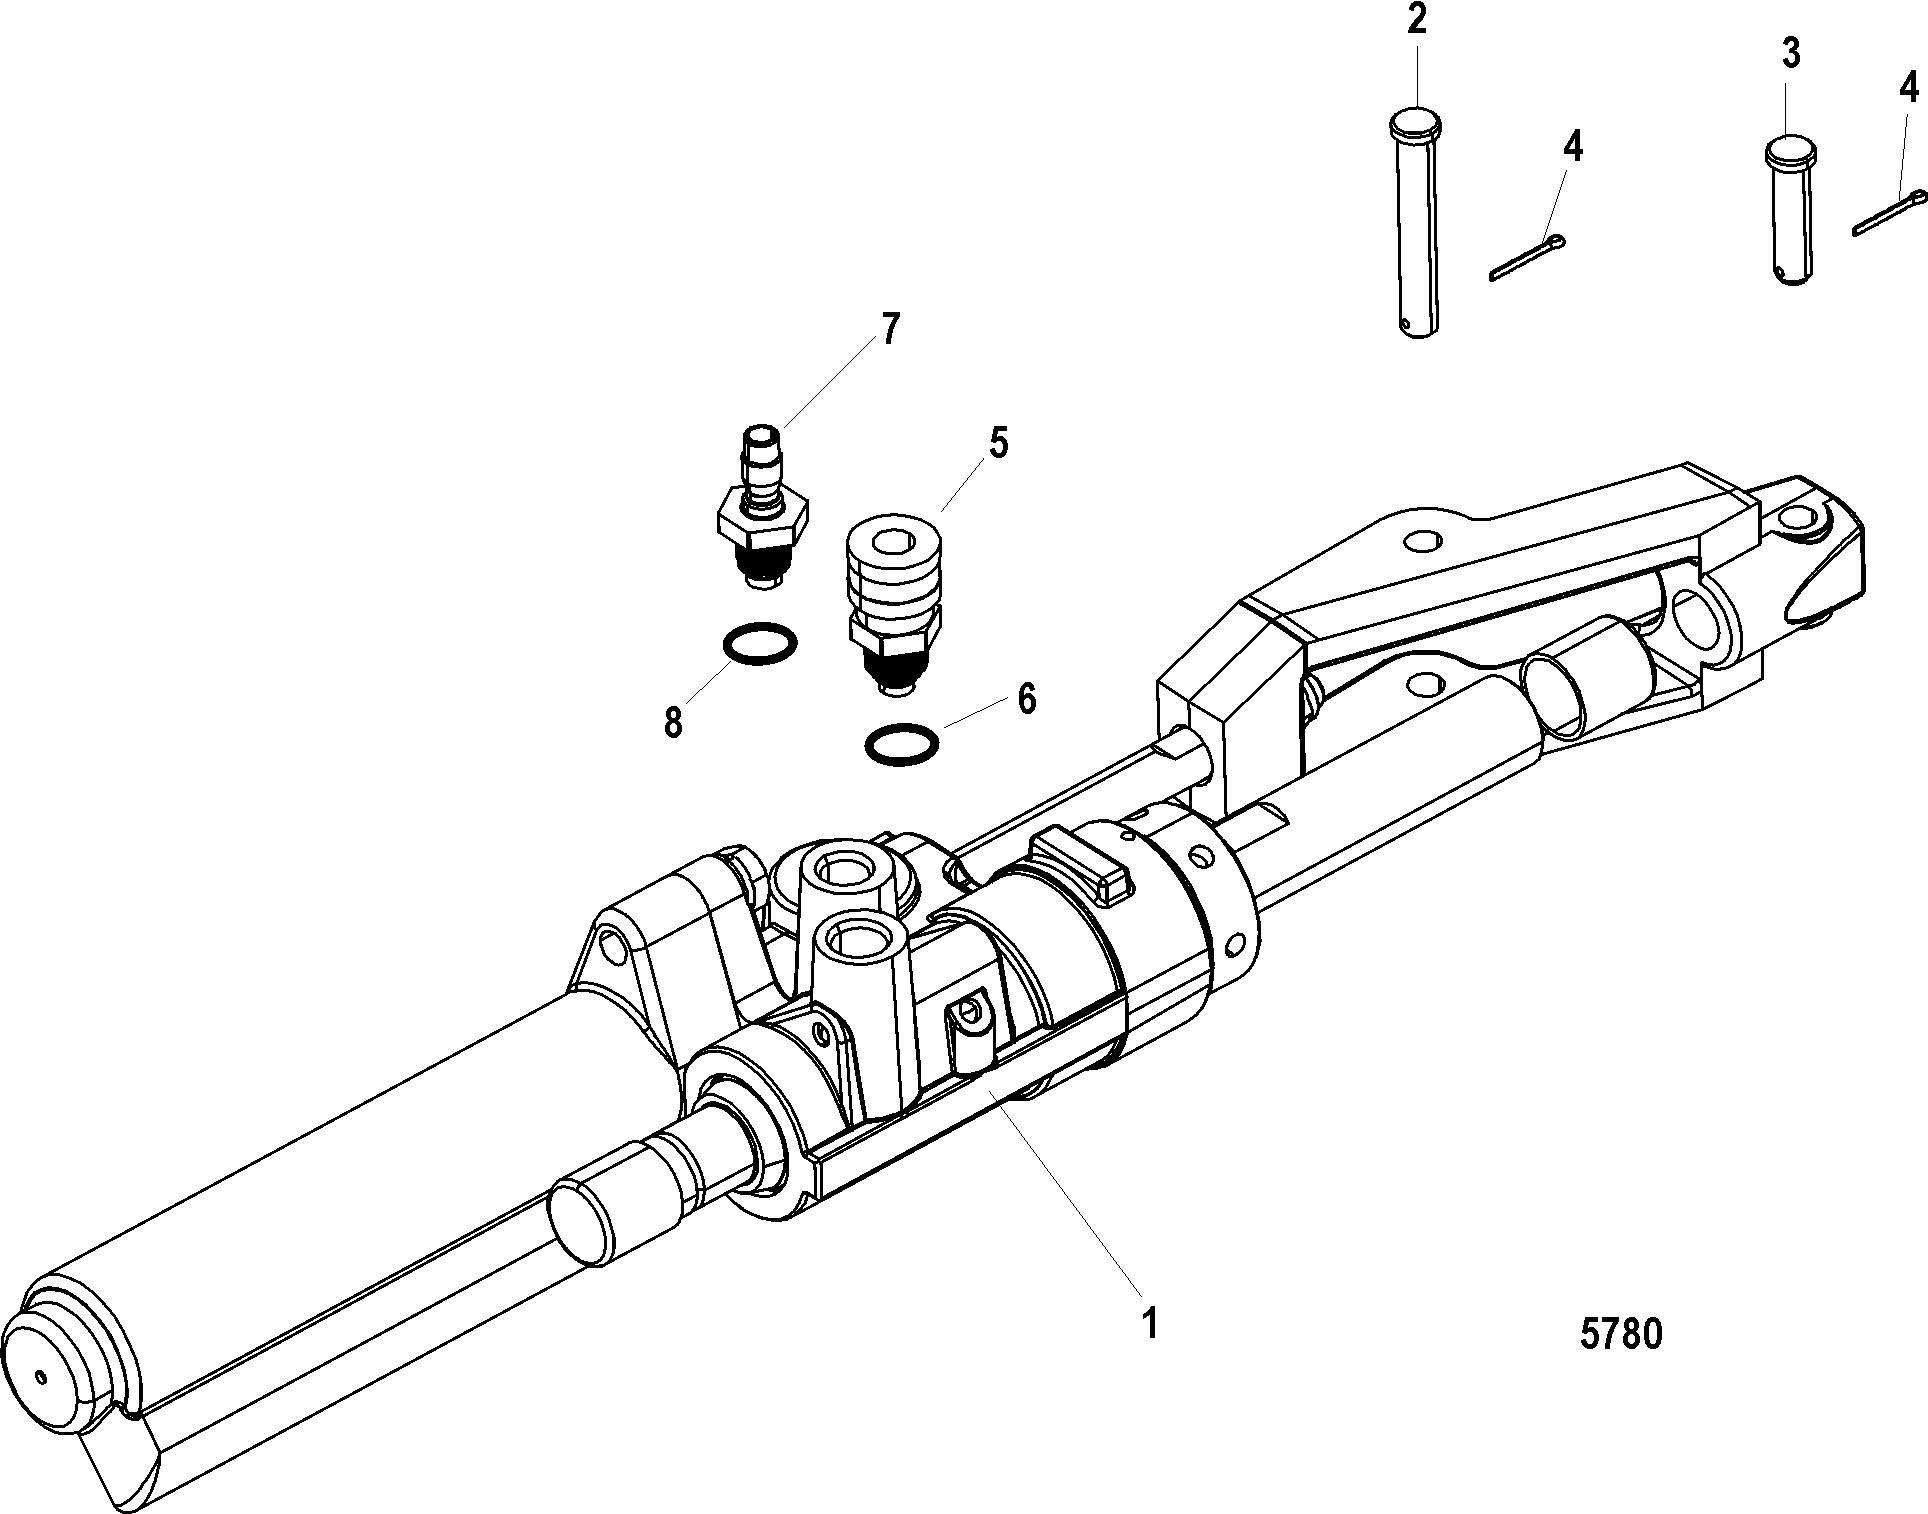 Power Steering Actuator For Mercruiser Bravo I Ii Iii